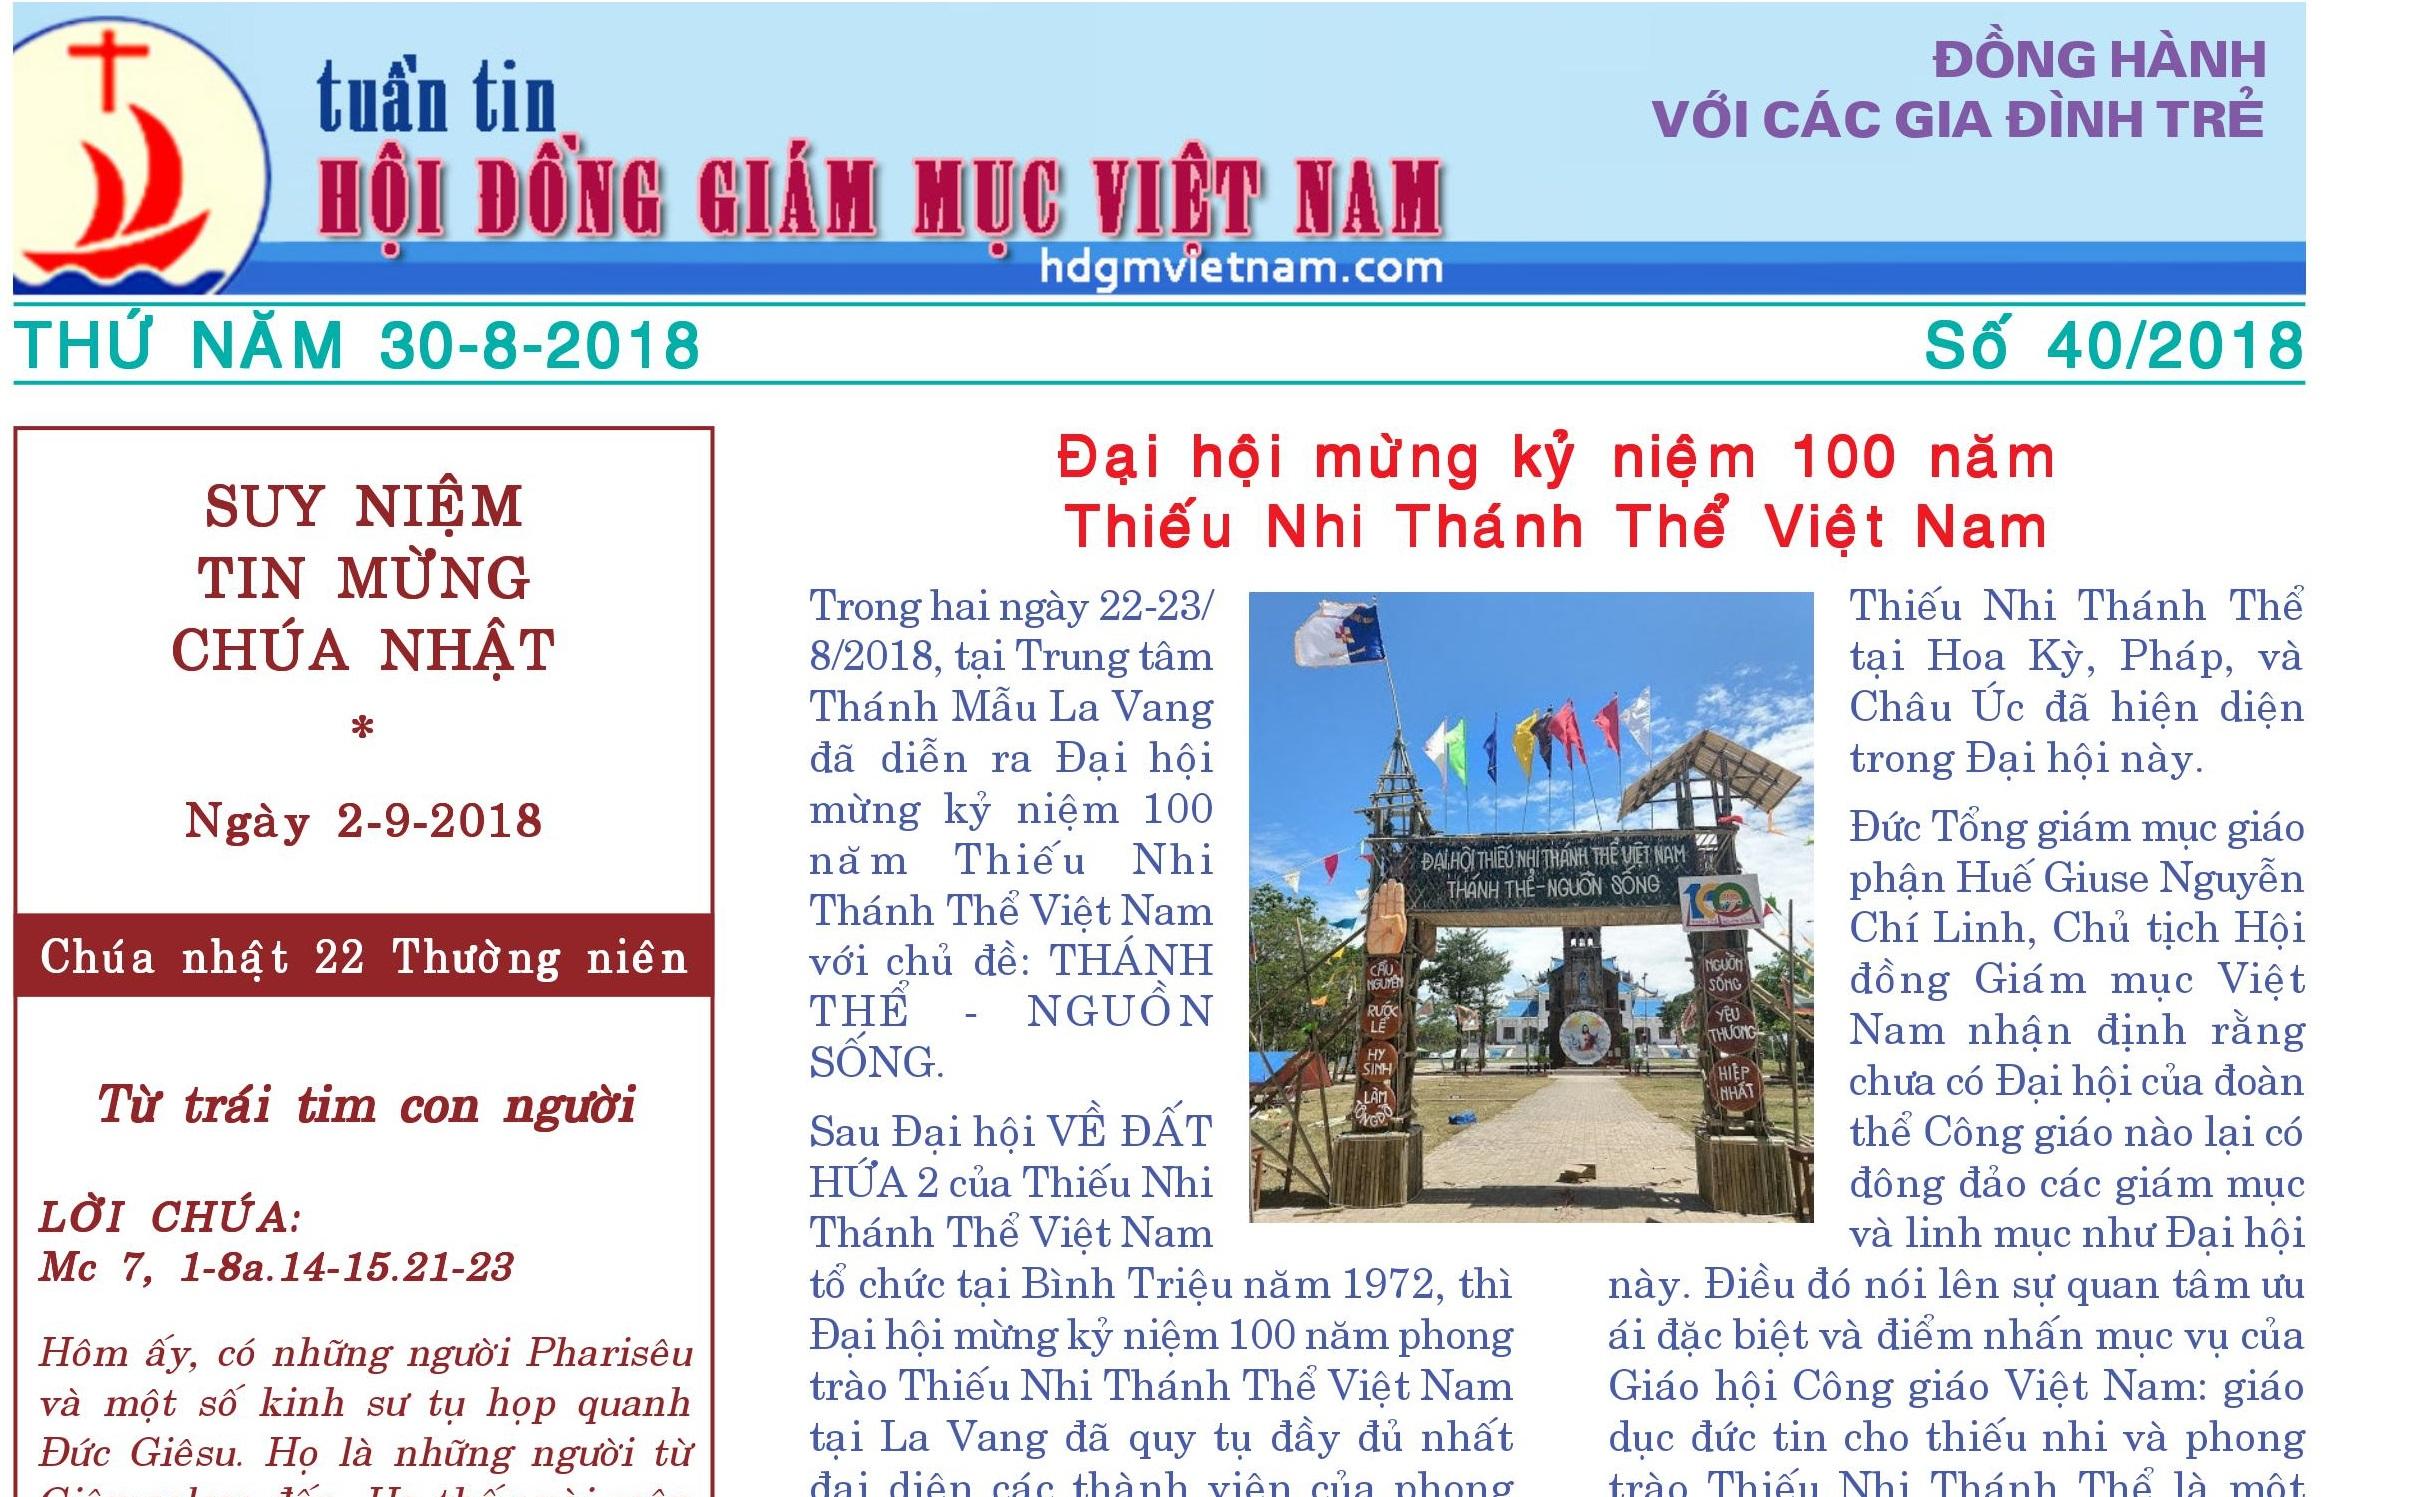 Tuần tin Hội đồng Giám mục Việt Nam số 40/2018